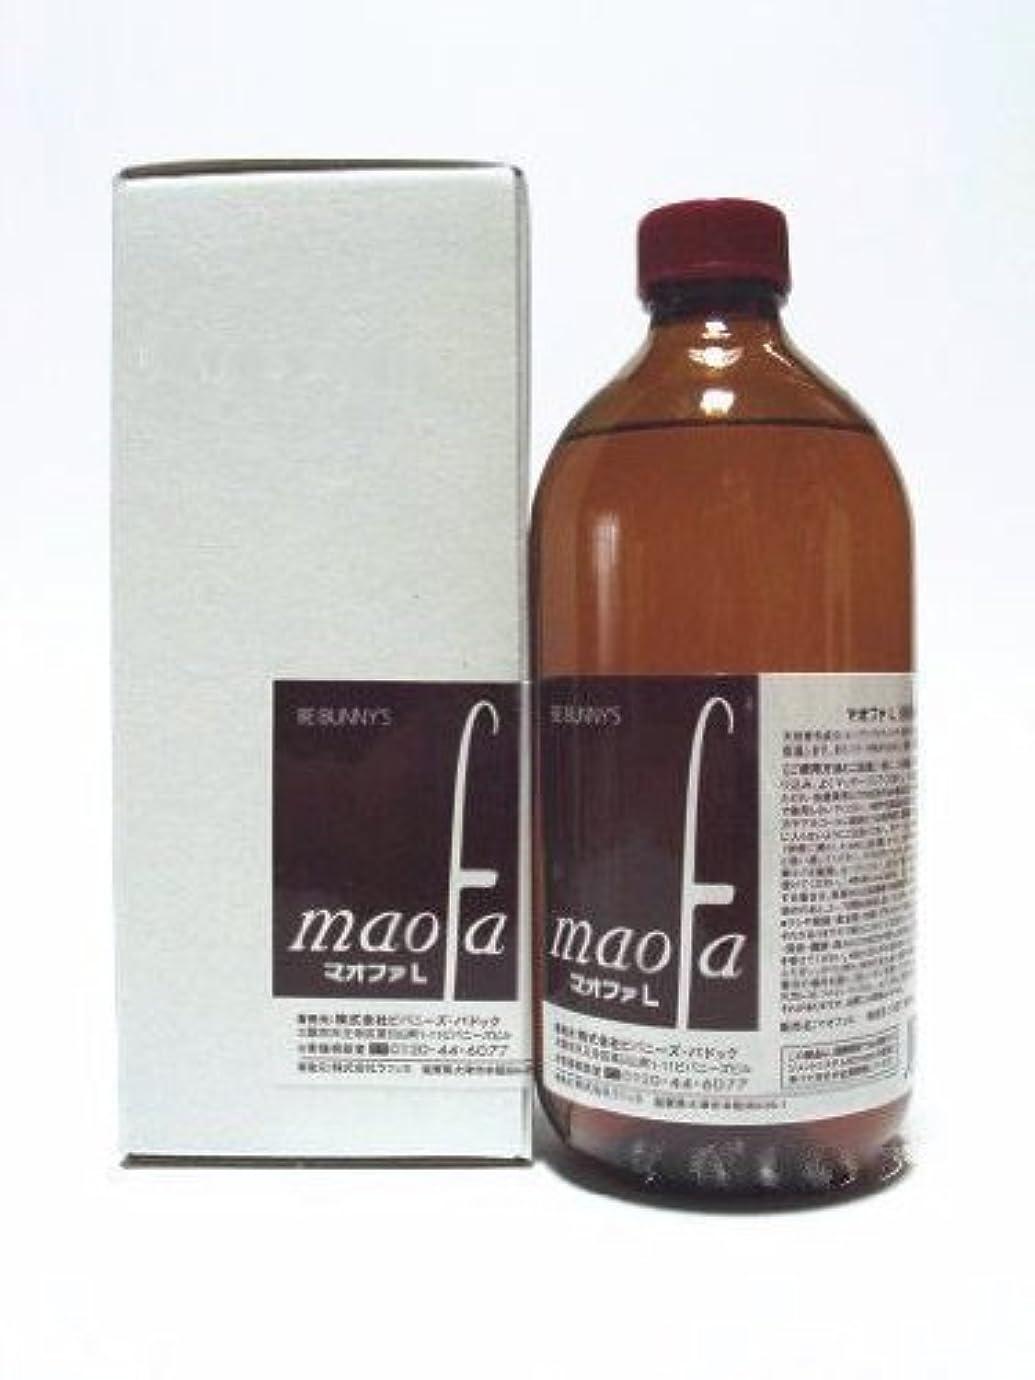 トライアスロン素晴らしい良い多くの地元【ロイヤル?アストレア】乾燥肌薬用育毛剤 マオファL 500ml